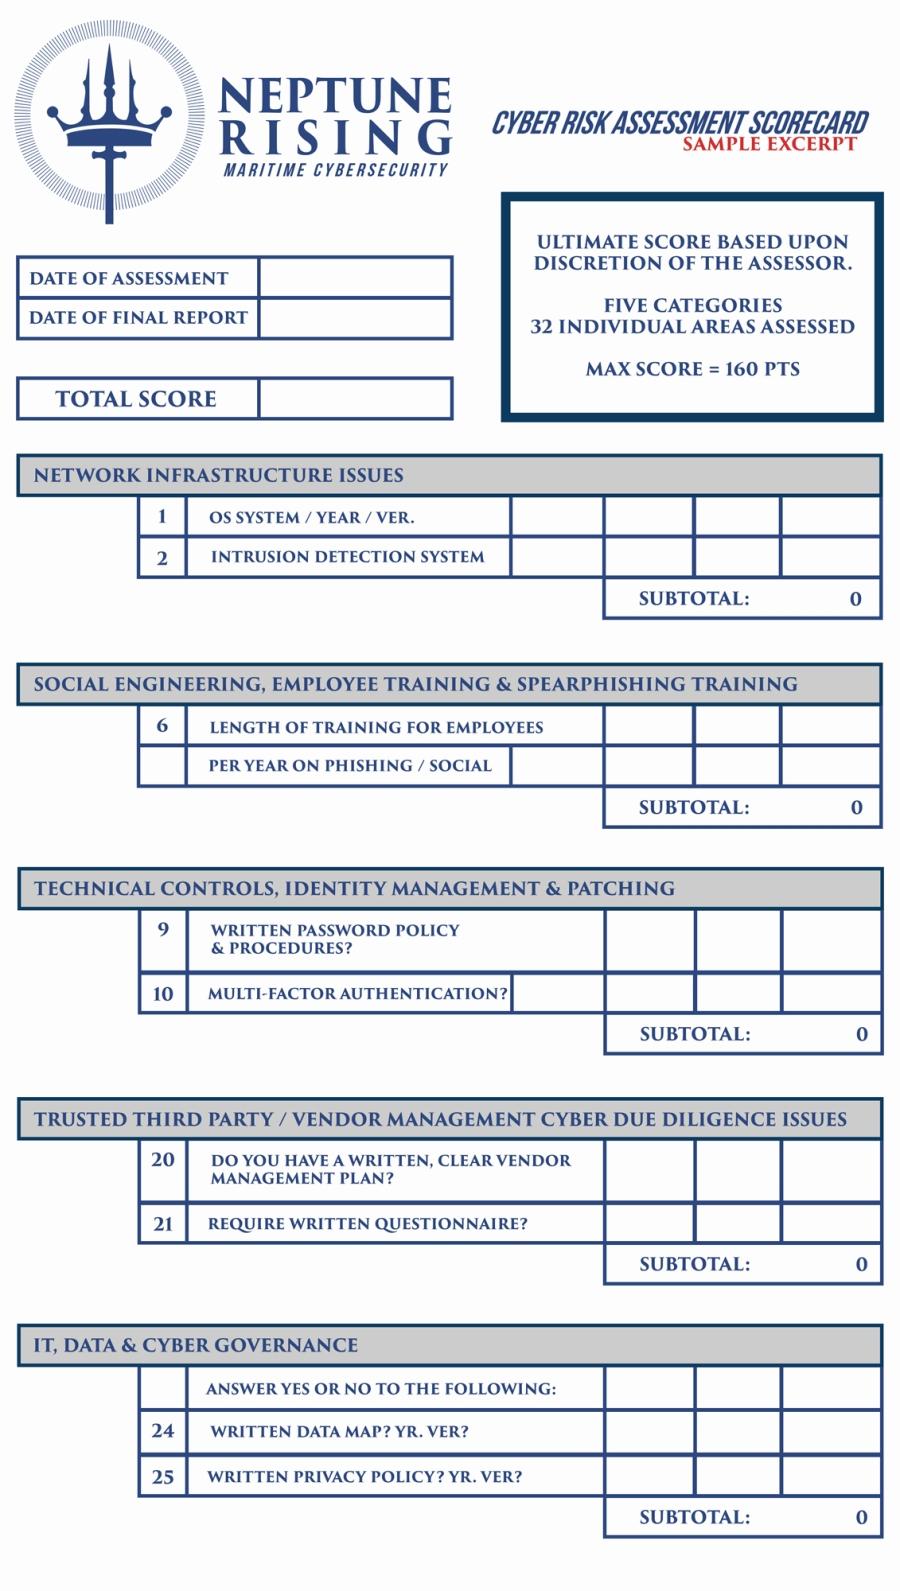 Cyber-Risk-Assessment-Scorecard